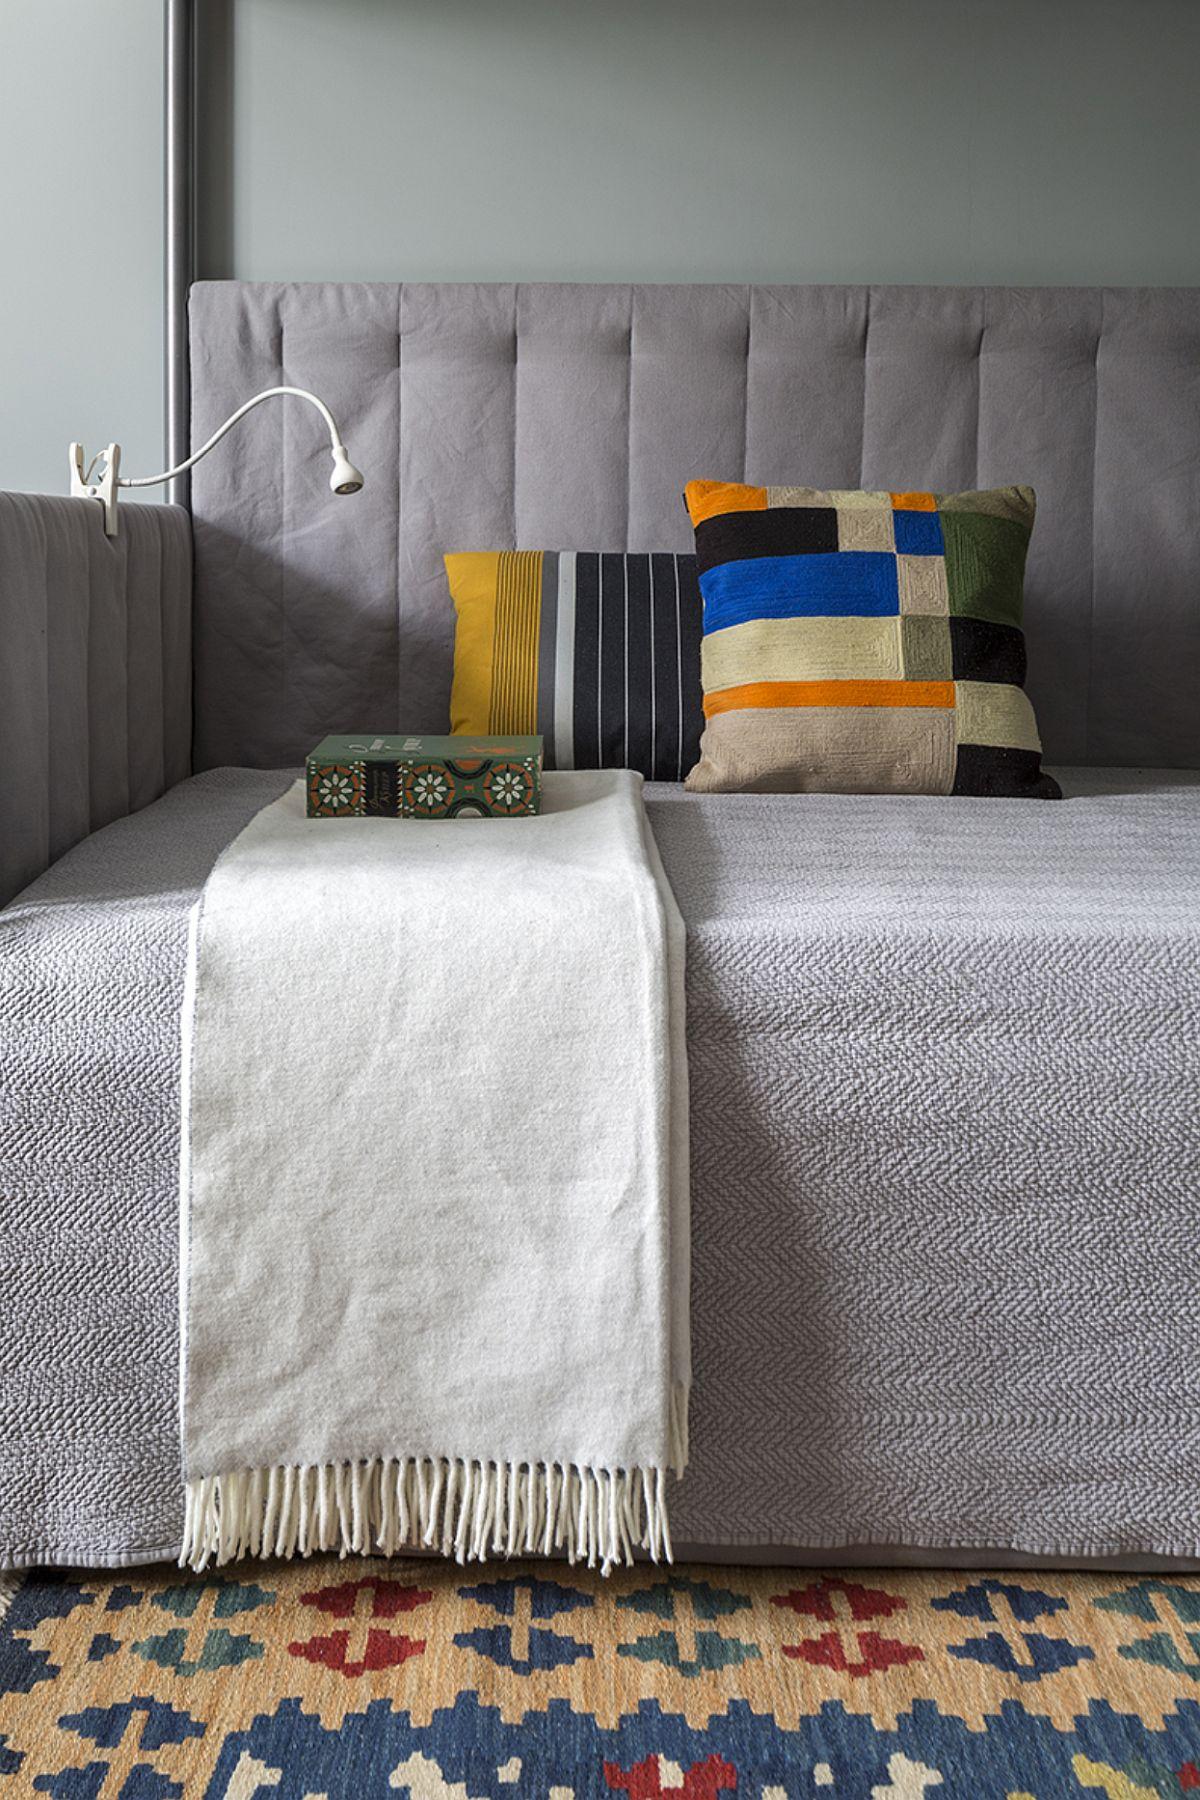 Într-un spațiu mic, cum e camera de tineret, compromisul făcut a fost în privința locului de dormit. A fost comandată o canapea cu saltele duble. Pe timpul serii a doua saltea se trage de sub șezutul canapelei.